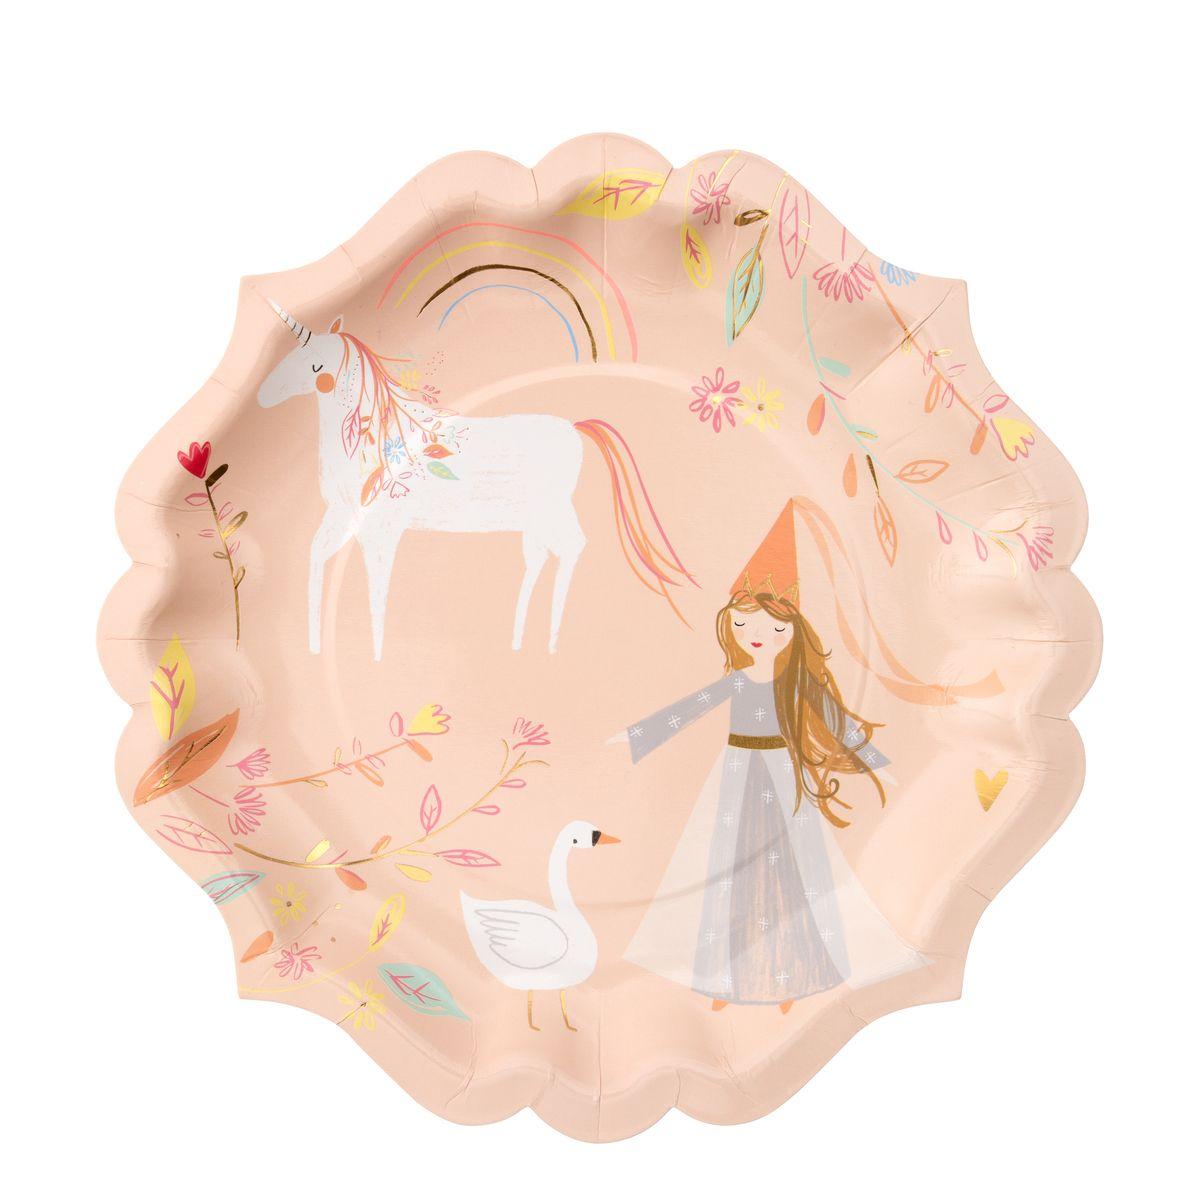 8 grandes assiettes princesse - Meri Meri